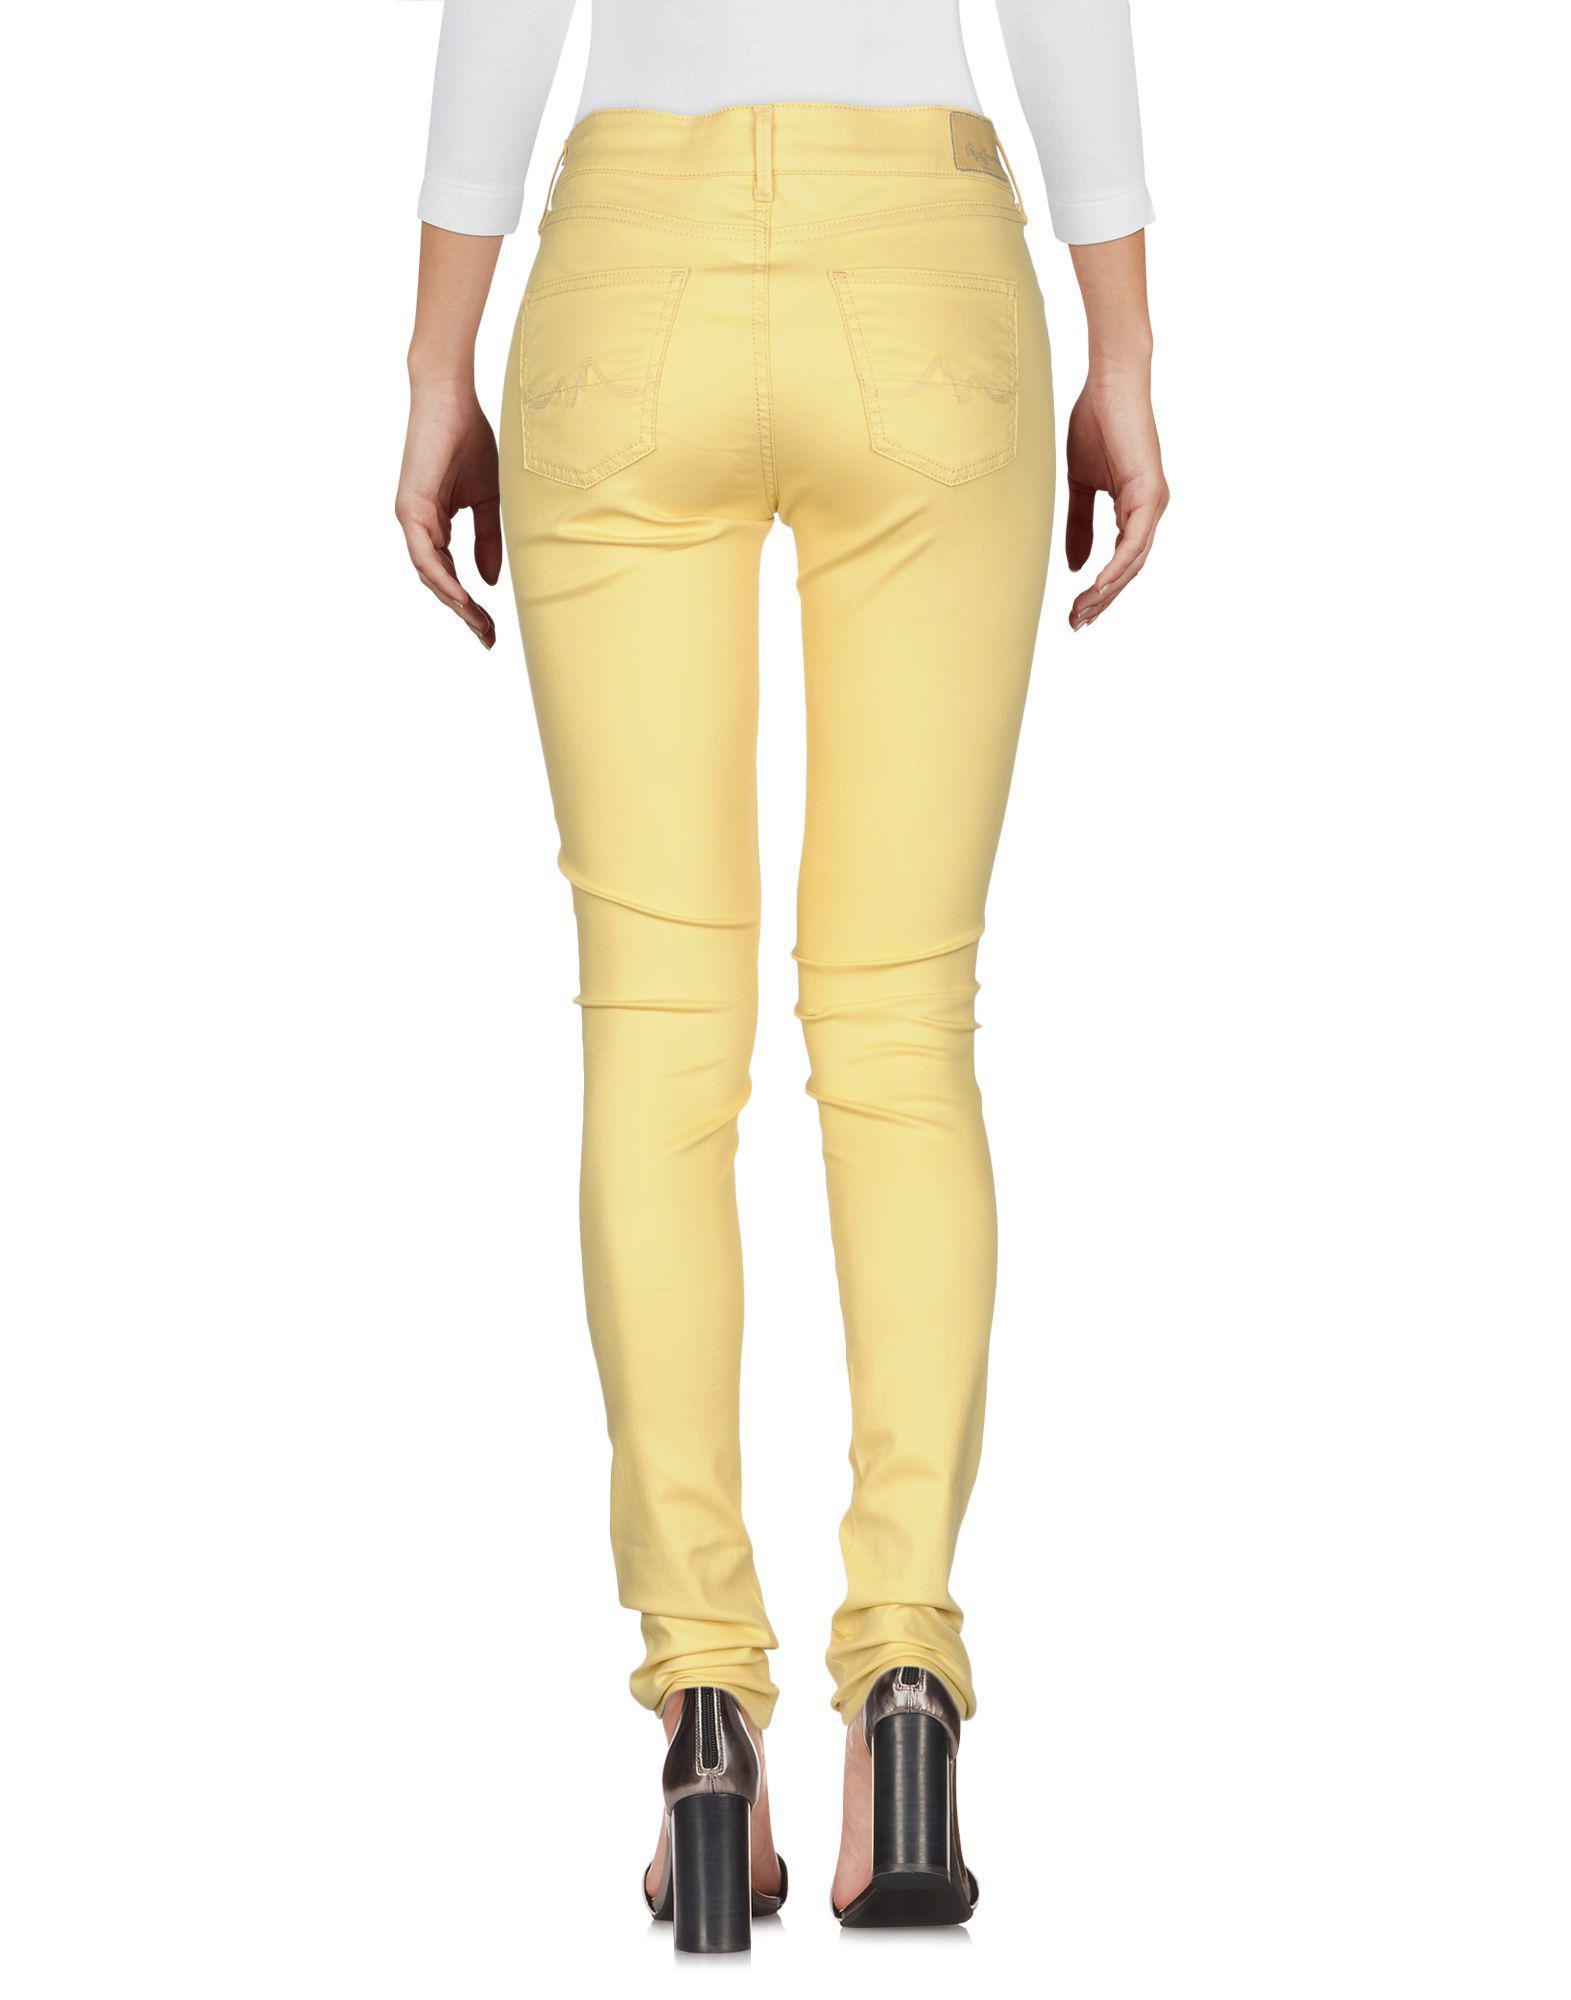 Pepe Jeans Denim Pants in Yellow